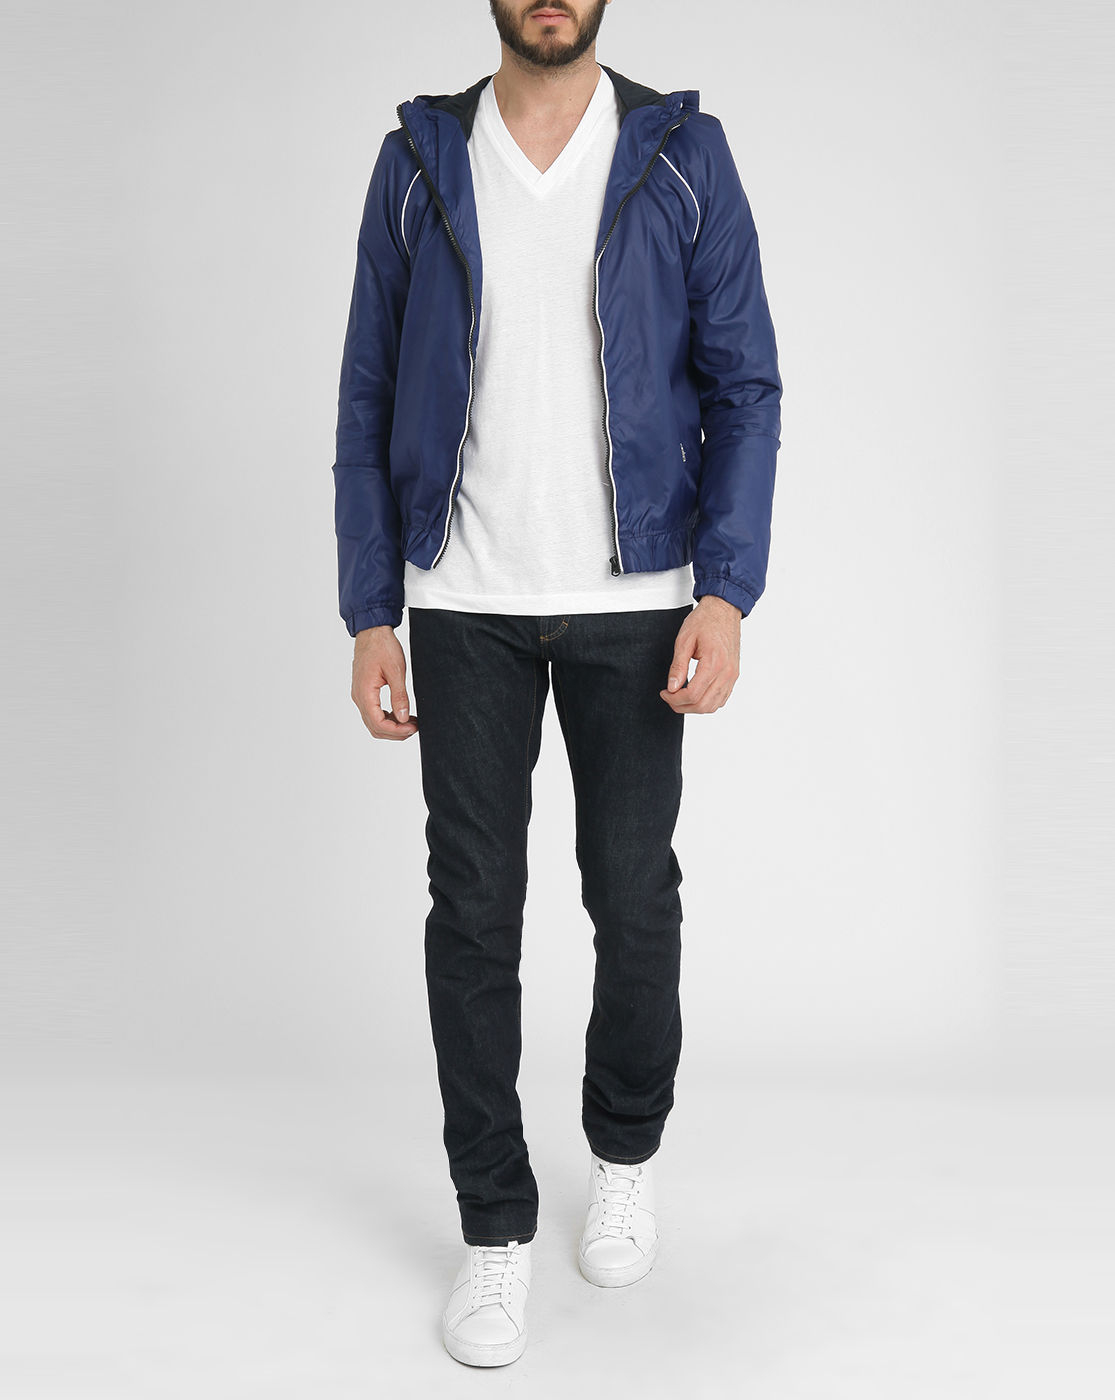 g star raw midder hdd blue nylon jacket in blue for men lyst. Black Bedroom Furniture Sets. Home Design Ideas